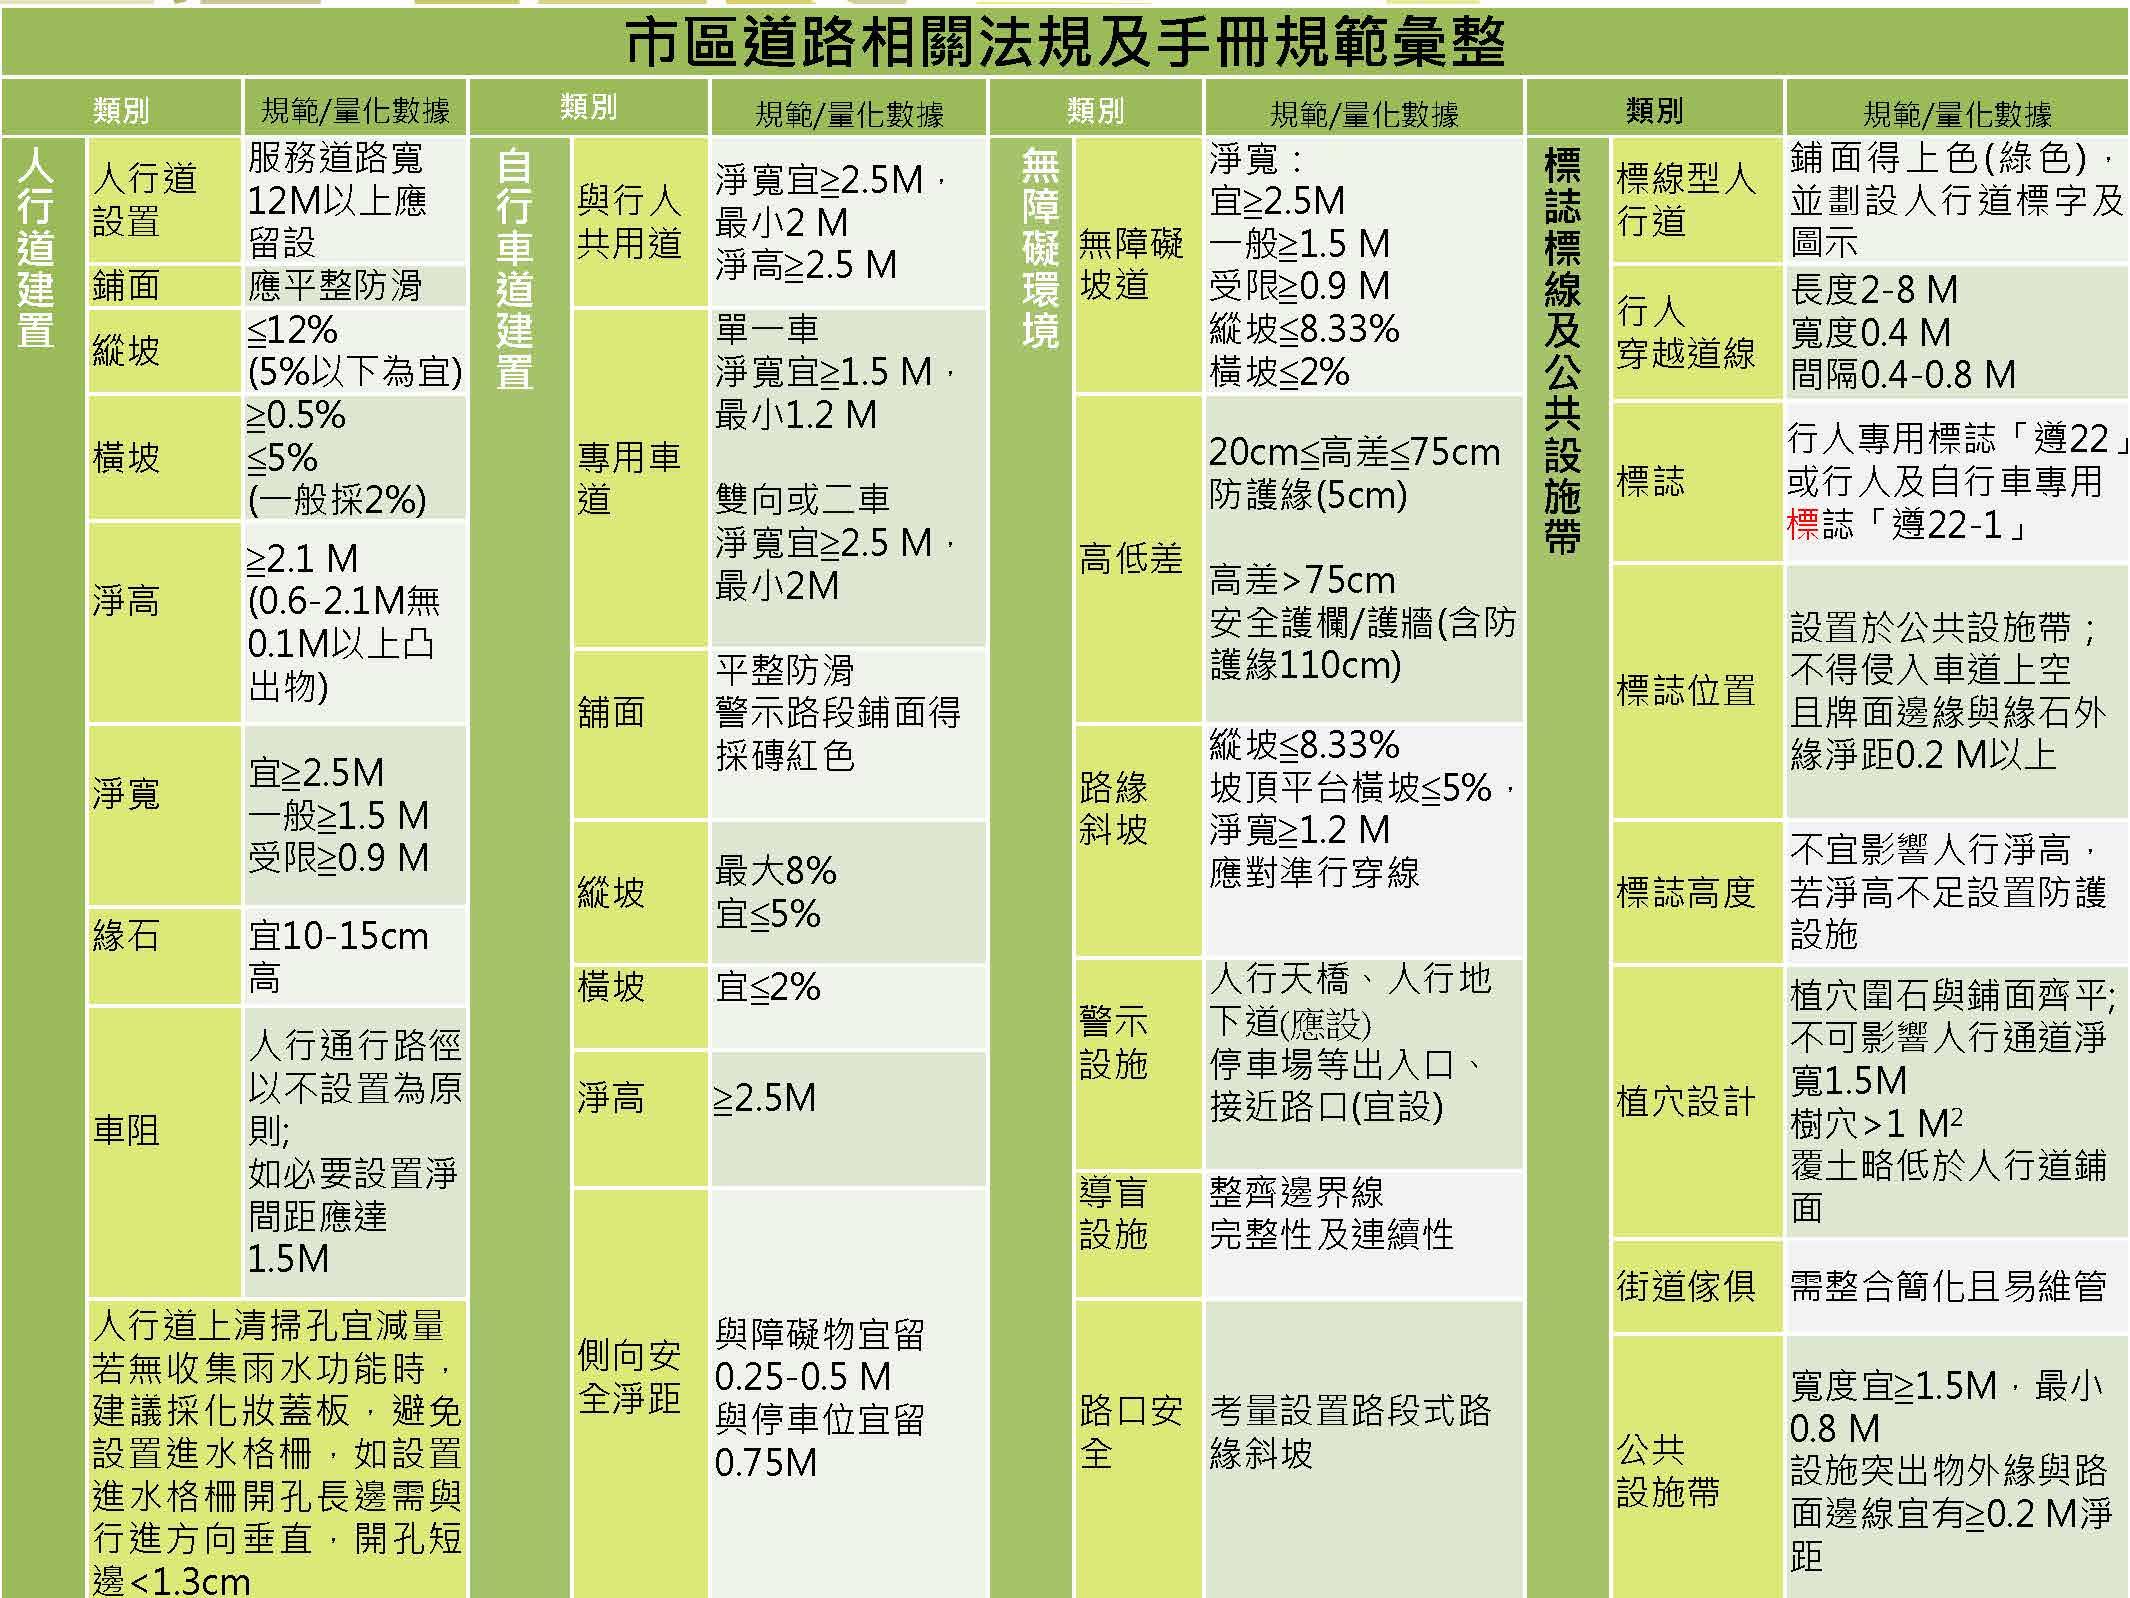 4-0-1 市區道路相關法規及手冊範彙整表